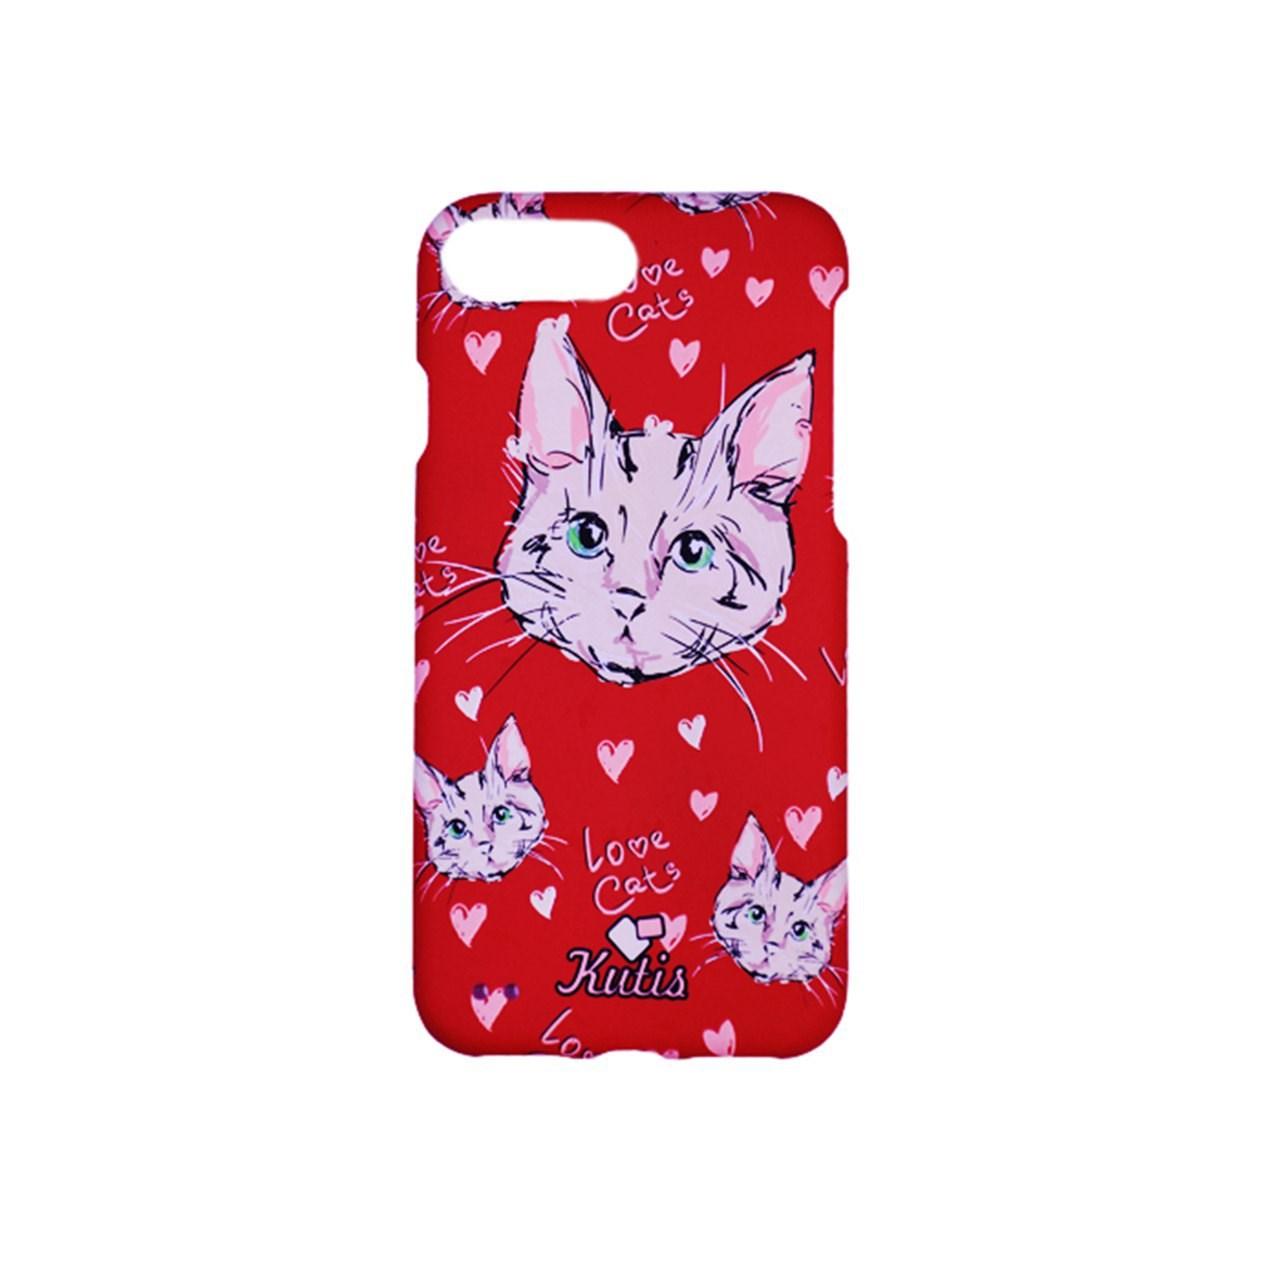 کاور گوشی 360 درجه مدل Kutis طرح B -Love cats مناسب برای گوشی آیفون 7/8